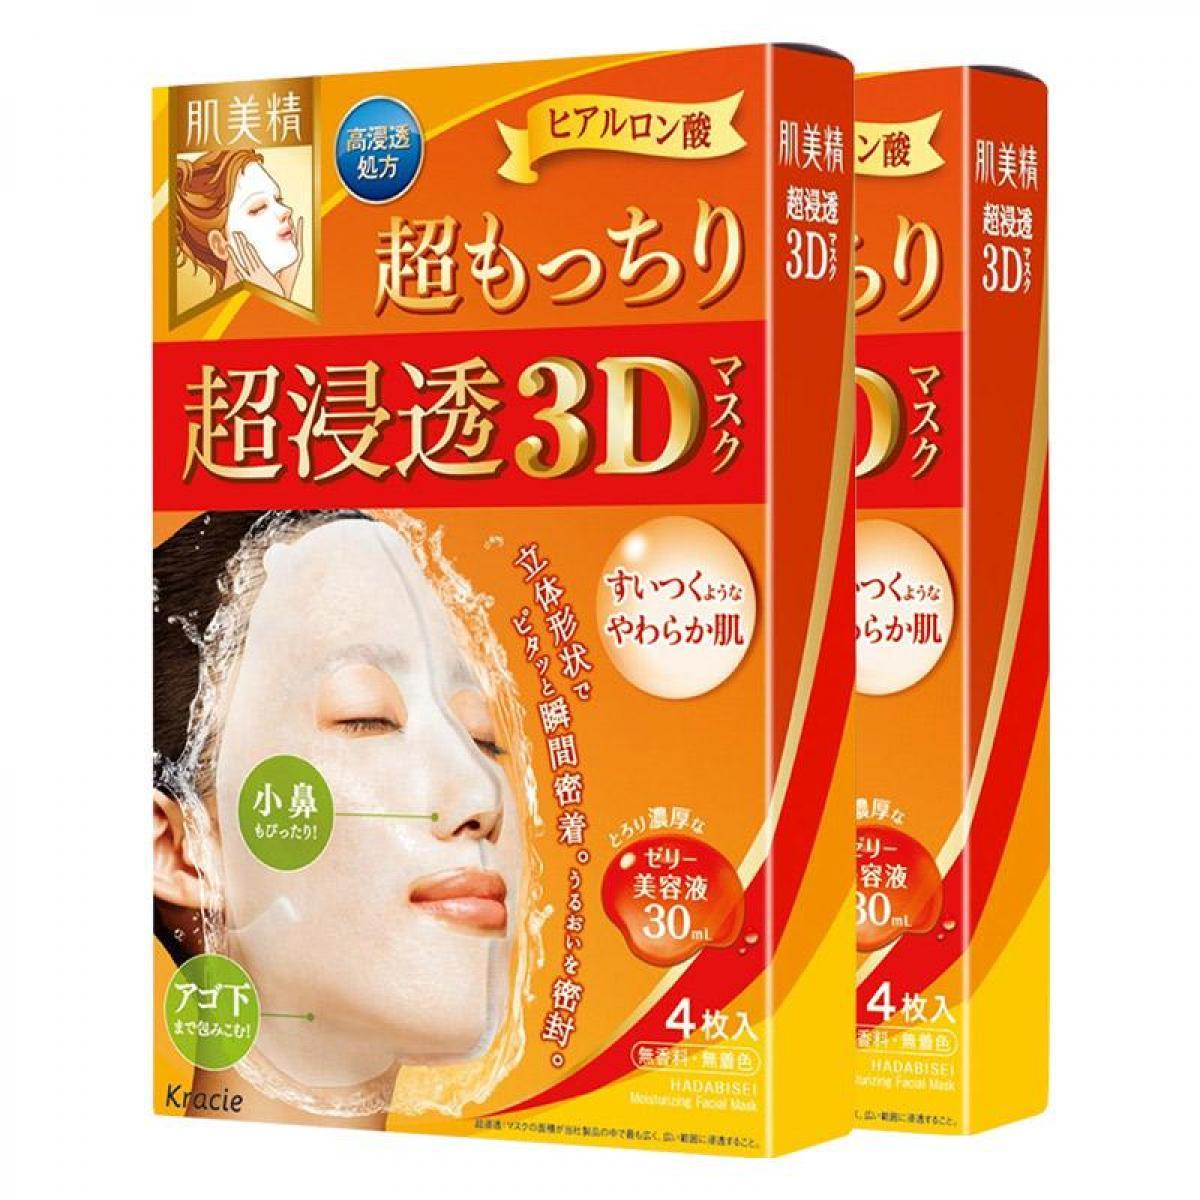 【2盒装】肌美精超滲透3D面膜(水潤嫩滑)4片